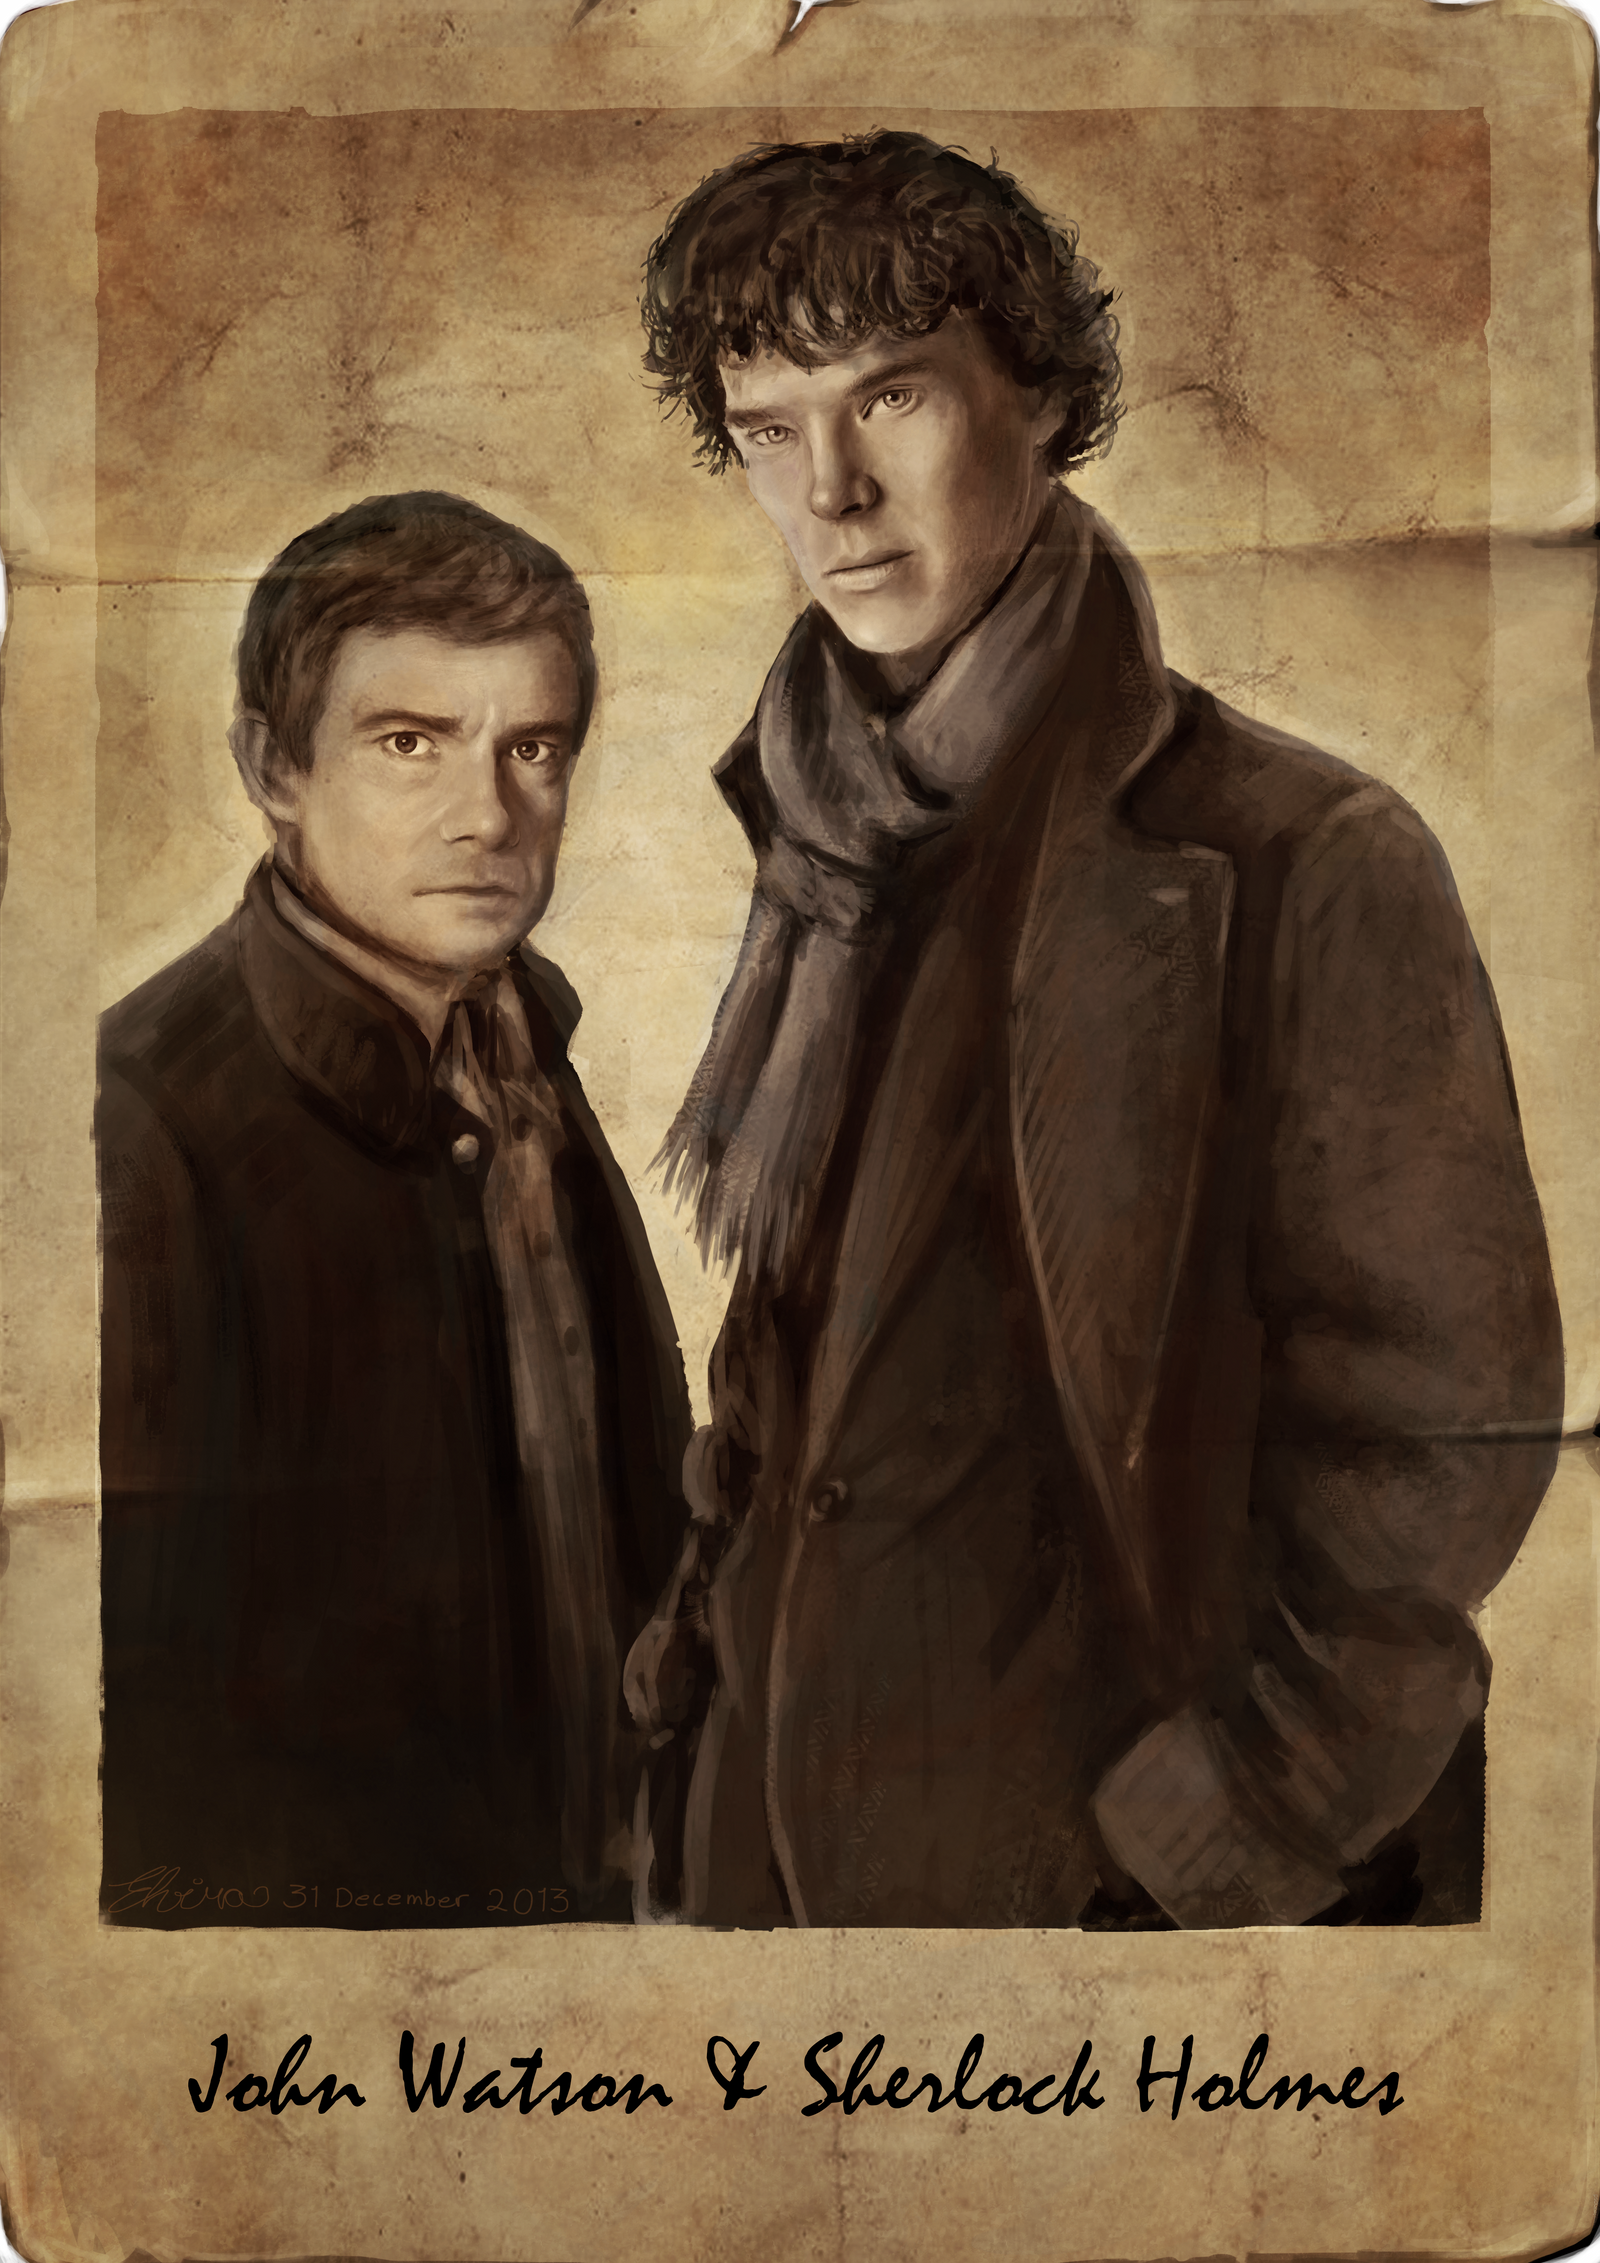 John Watson and Sherlock Holmes by Neovirah